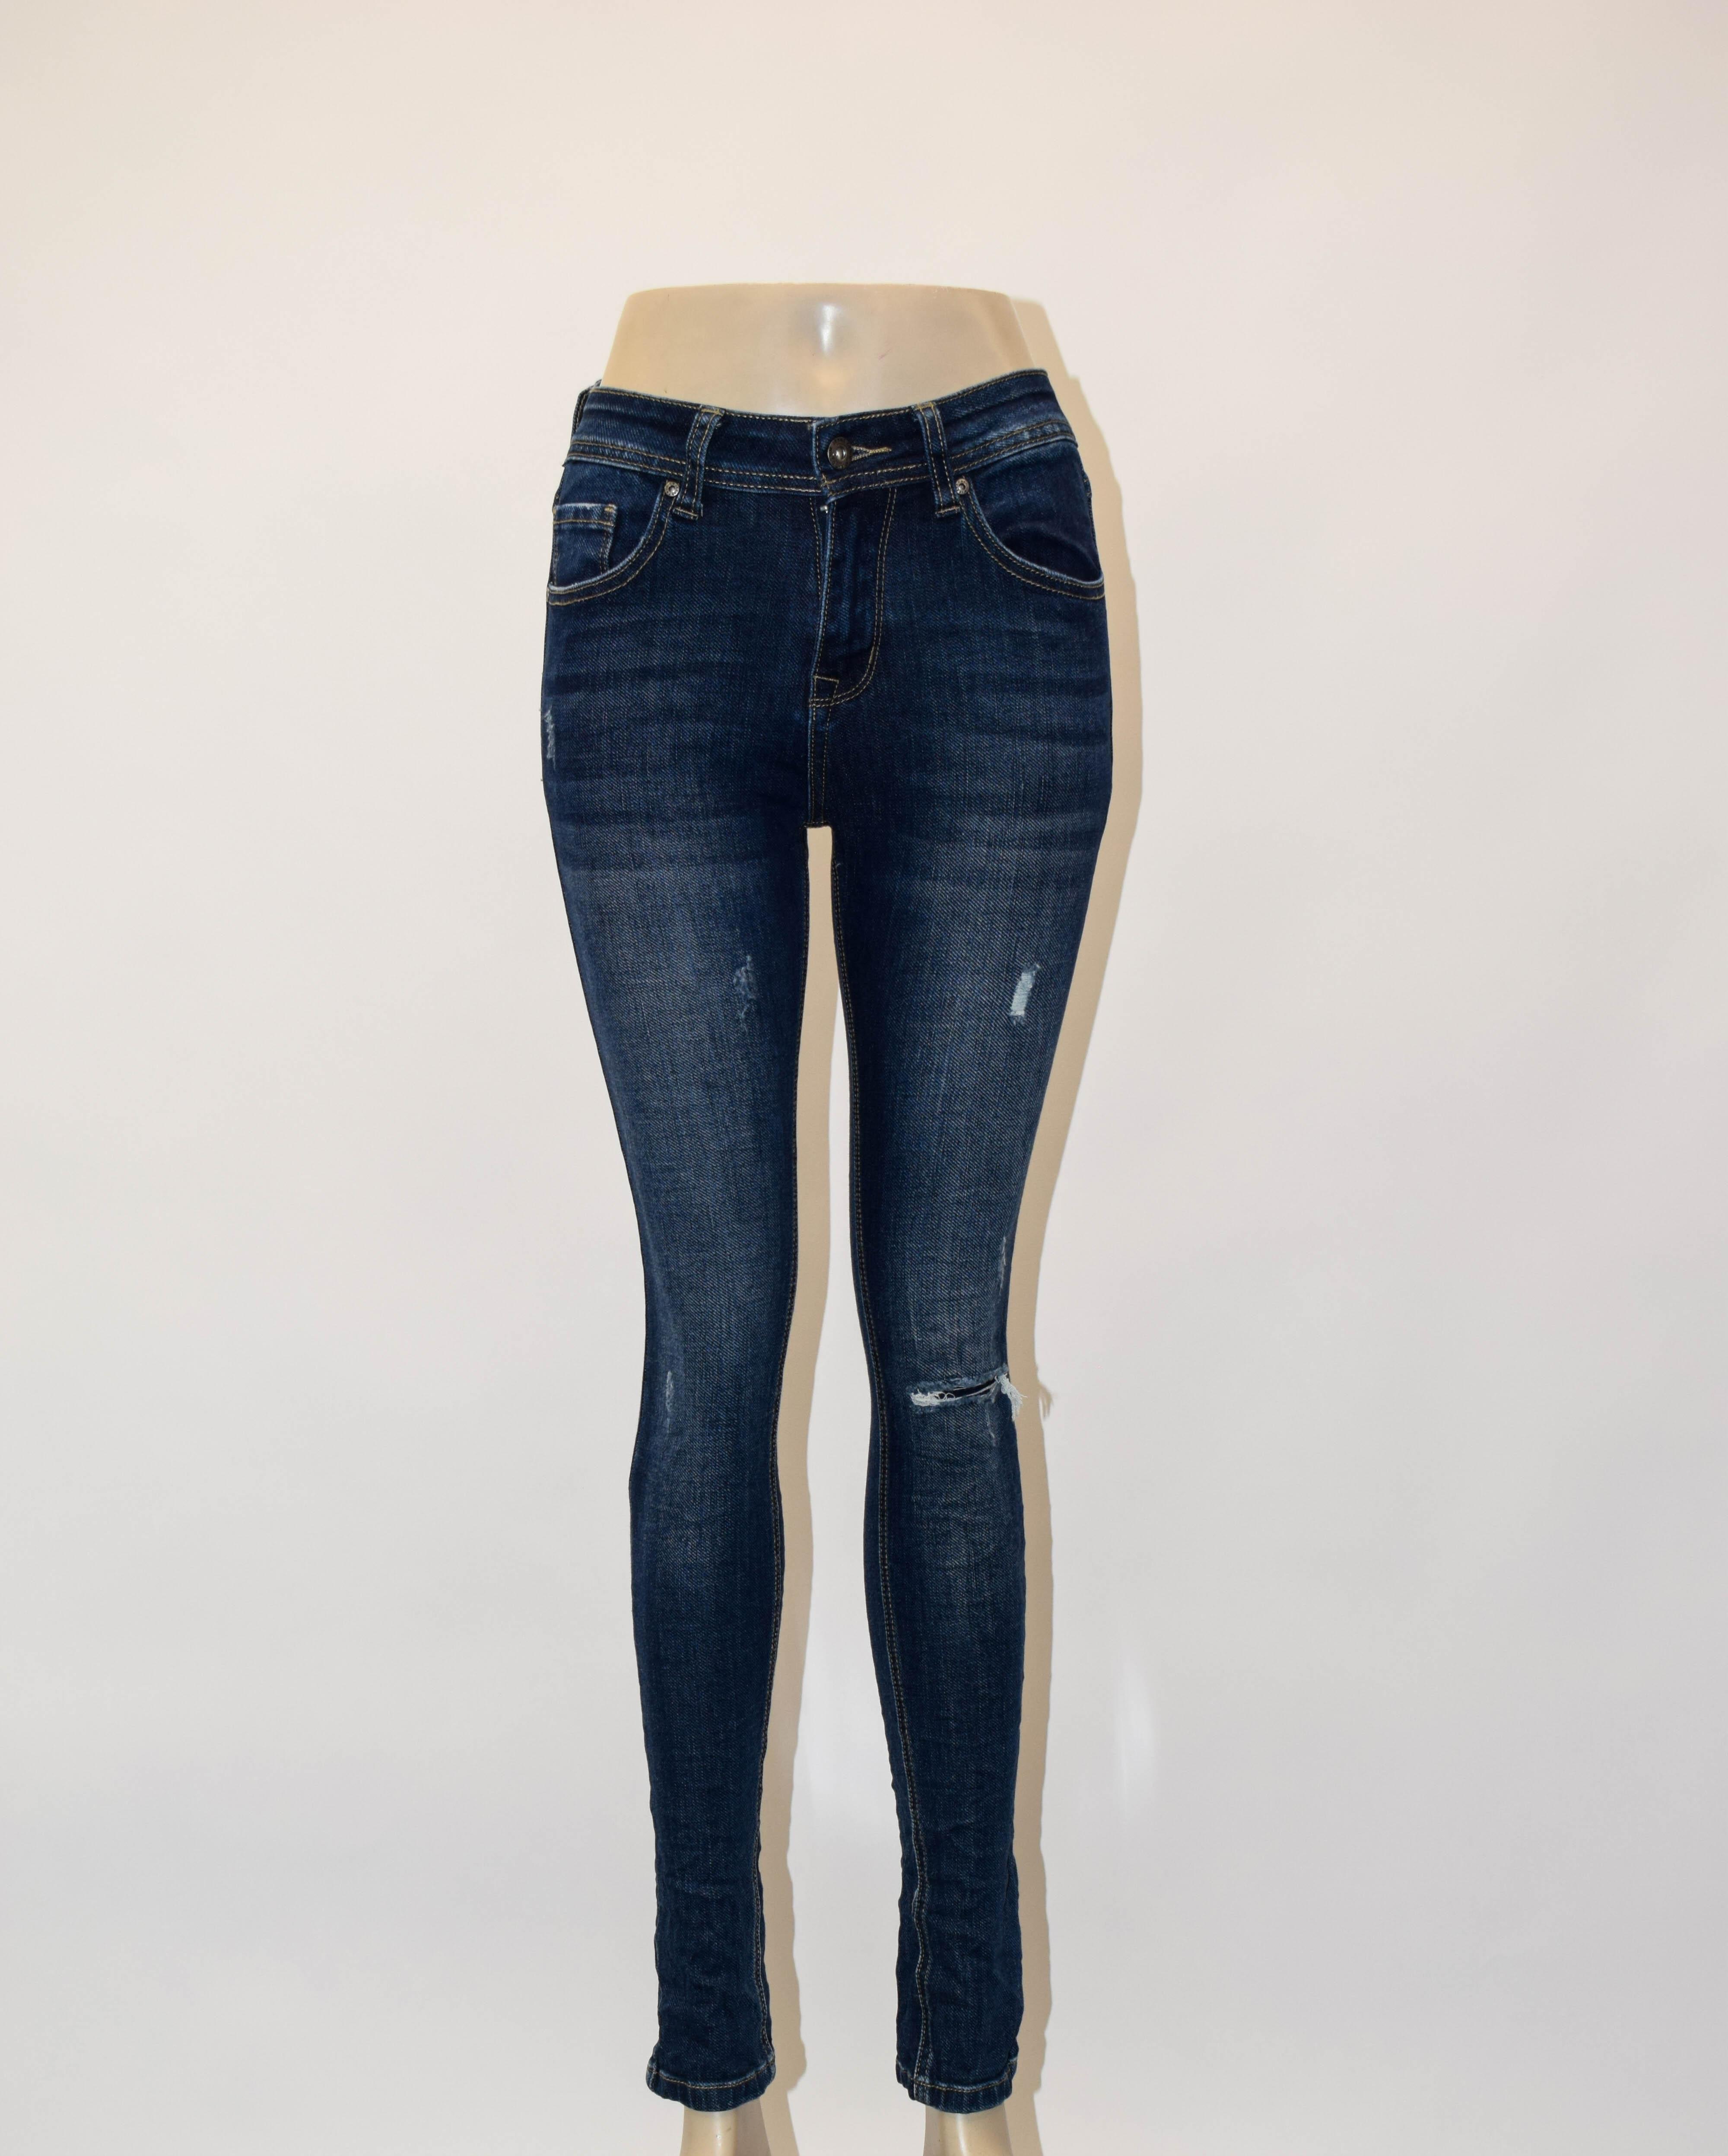 Jeanshose leicht zerissen